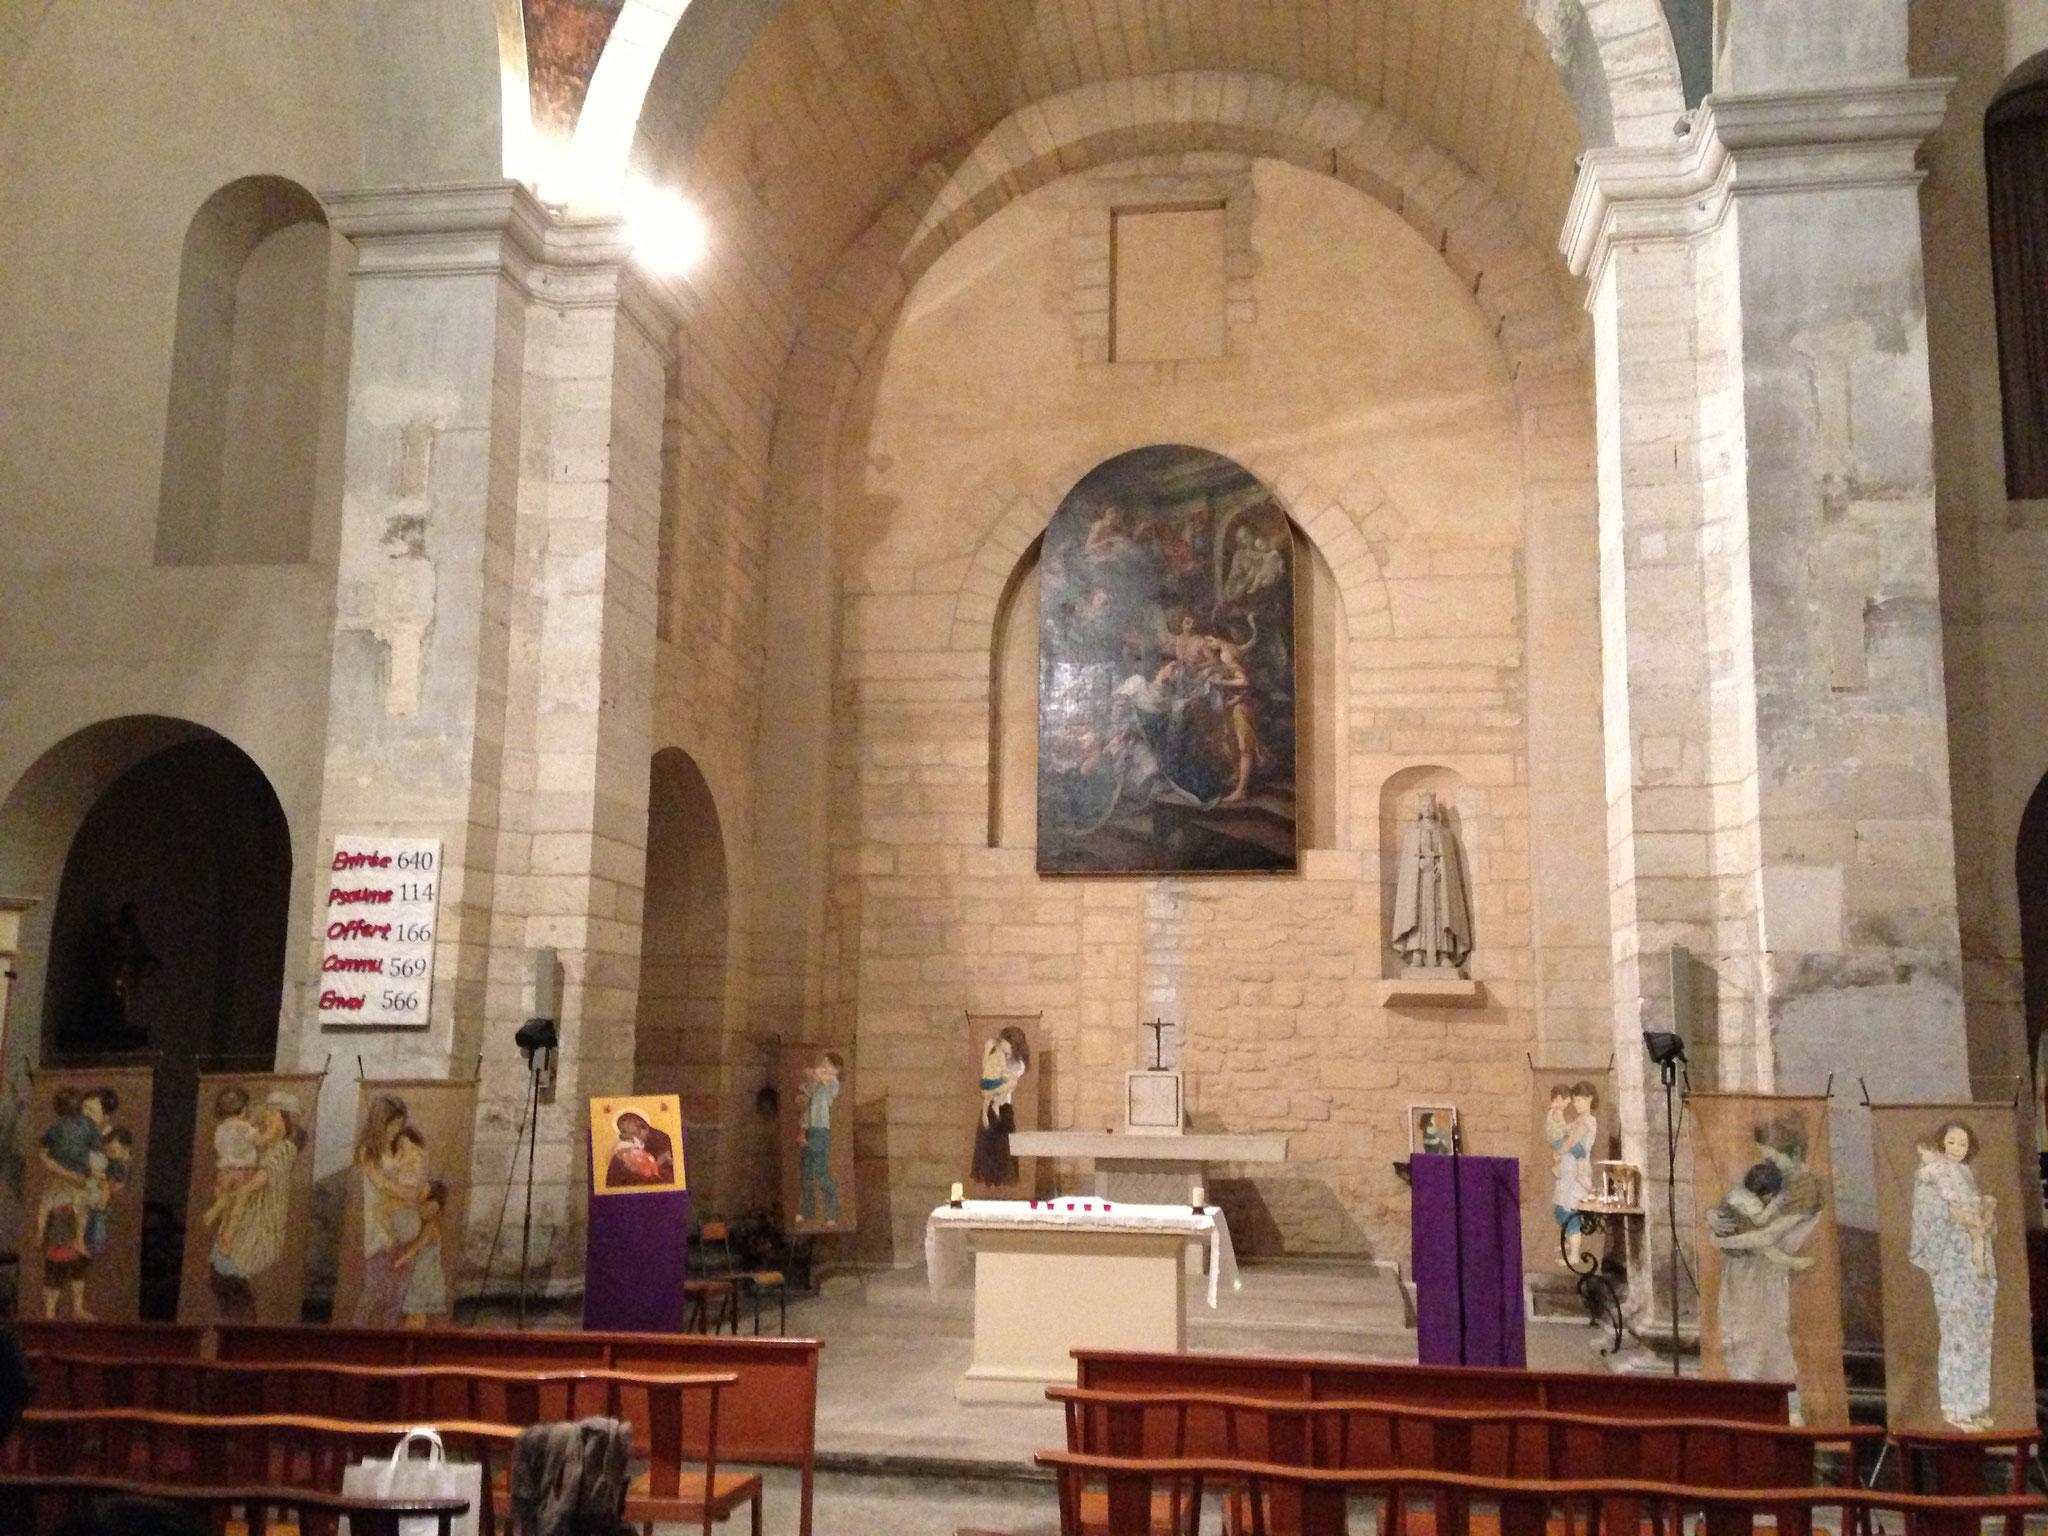 アビニオン教会・ミサ (フランス・アビニオン) 2014年